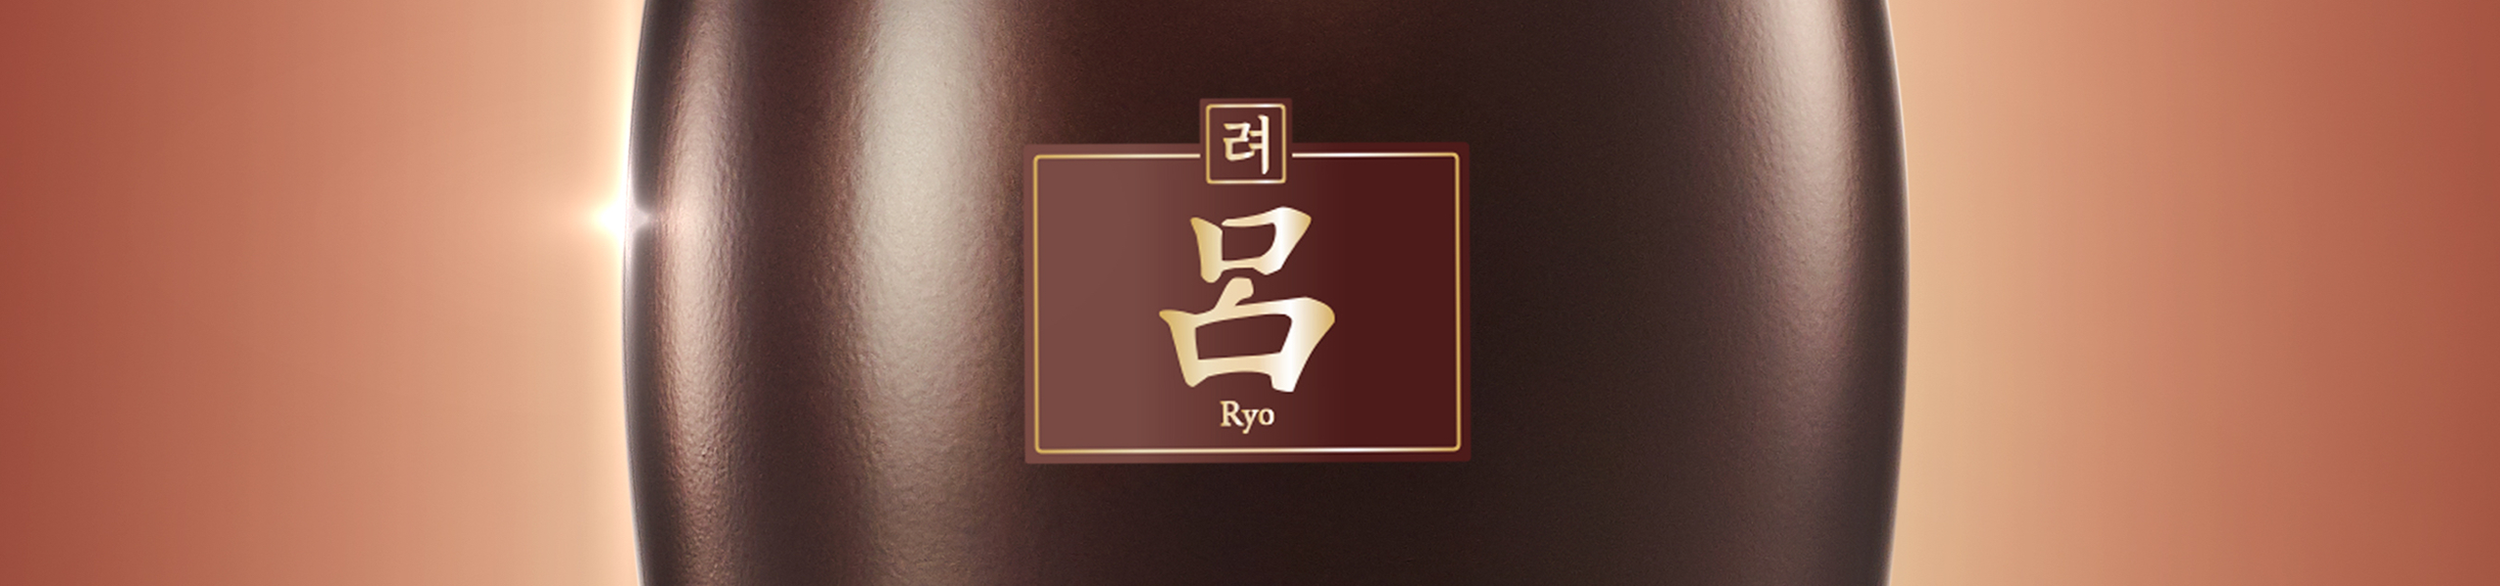 3.0_Ryo_top.png